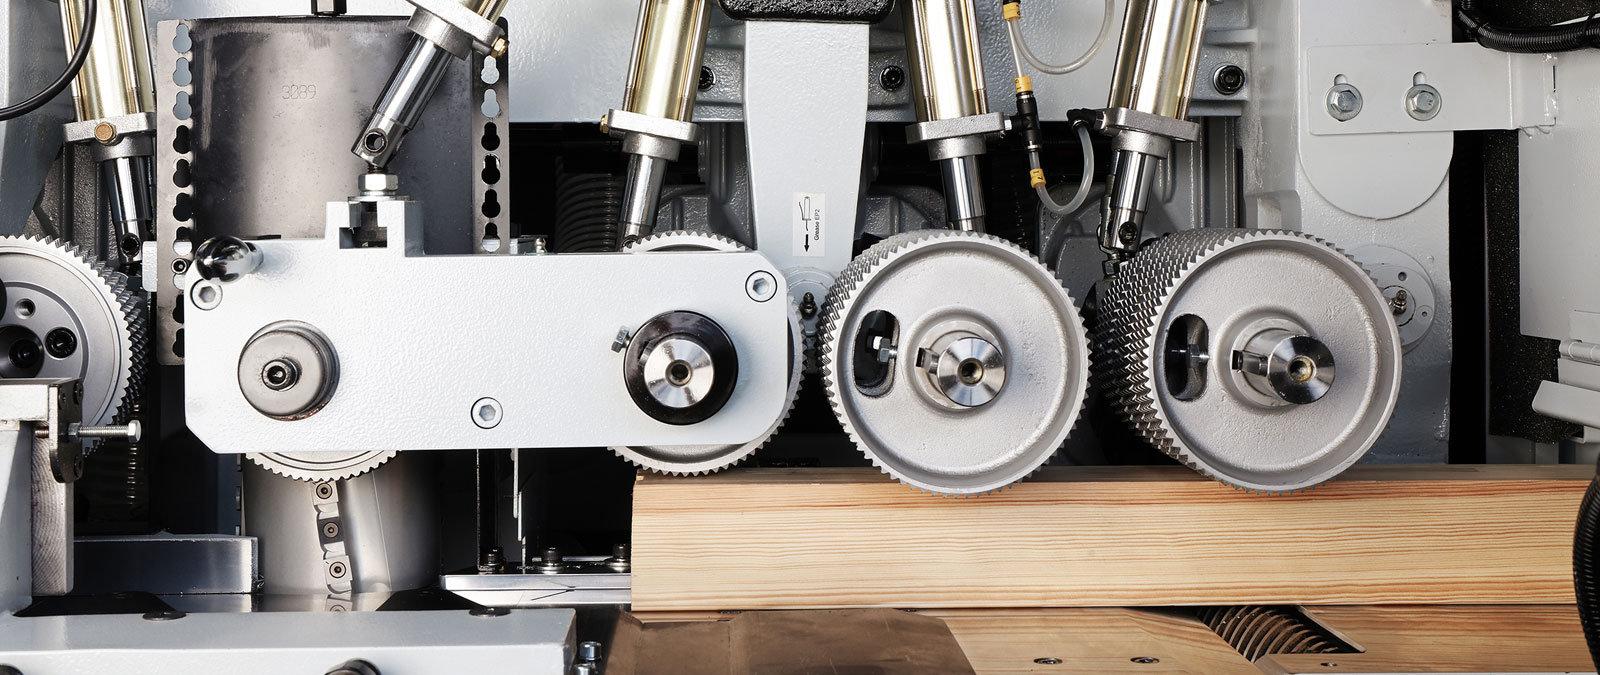 machine 4.jpg